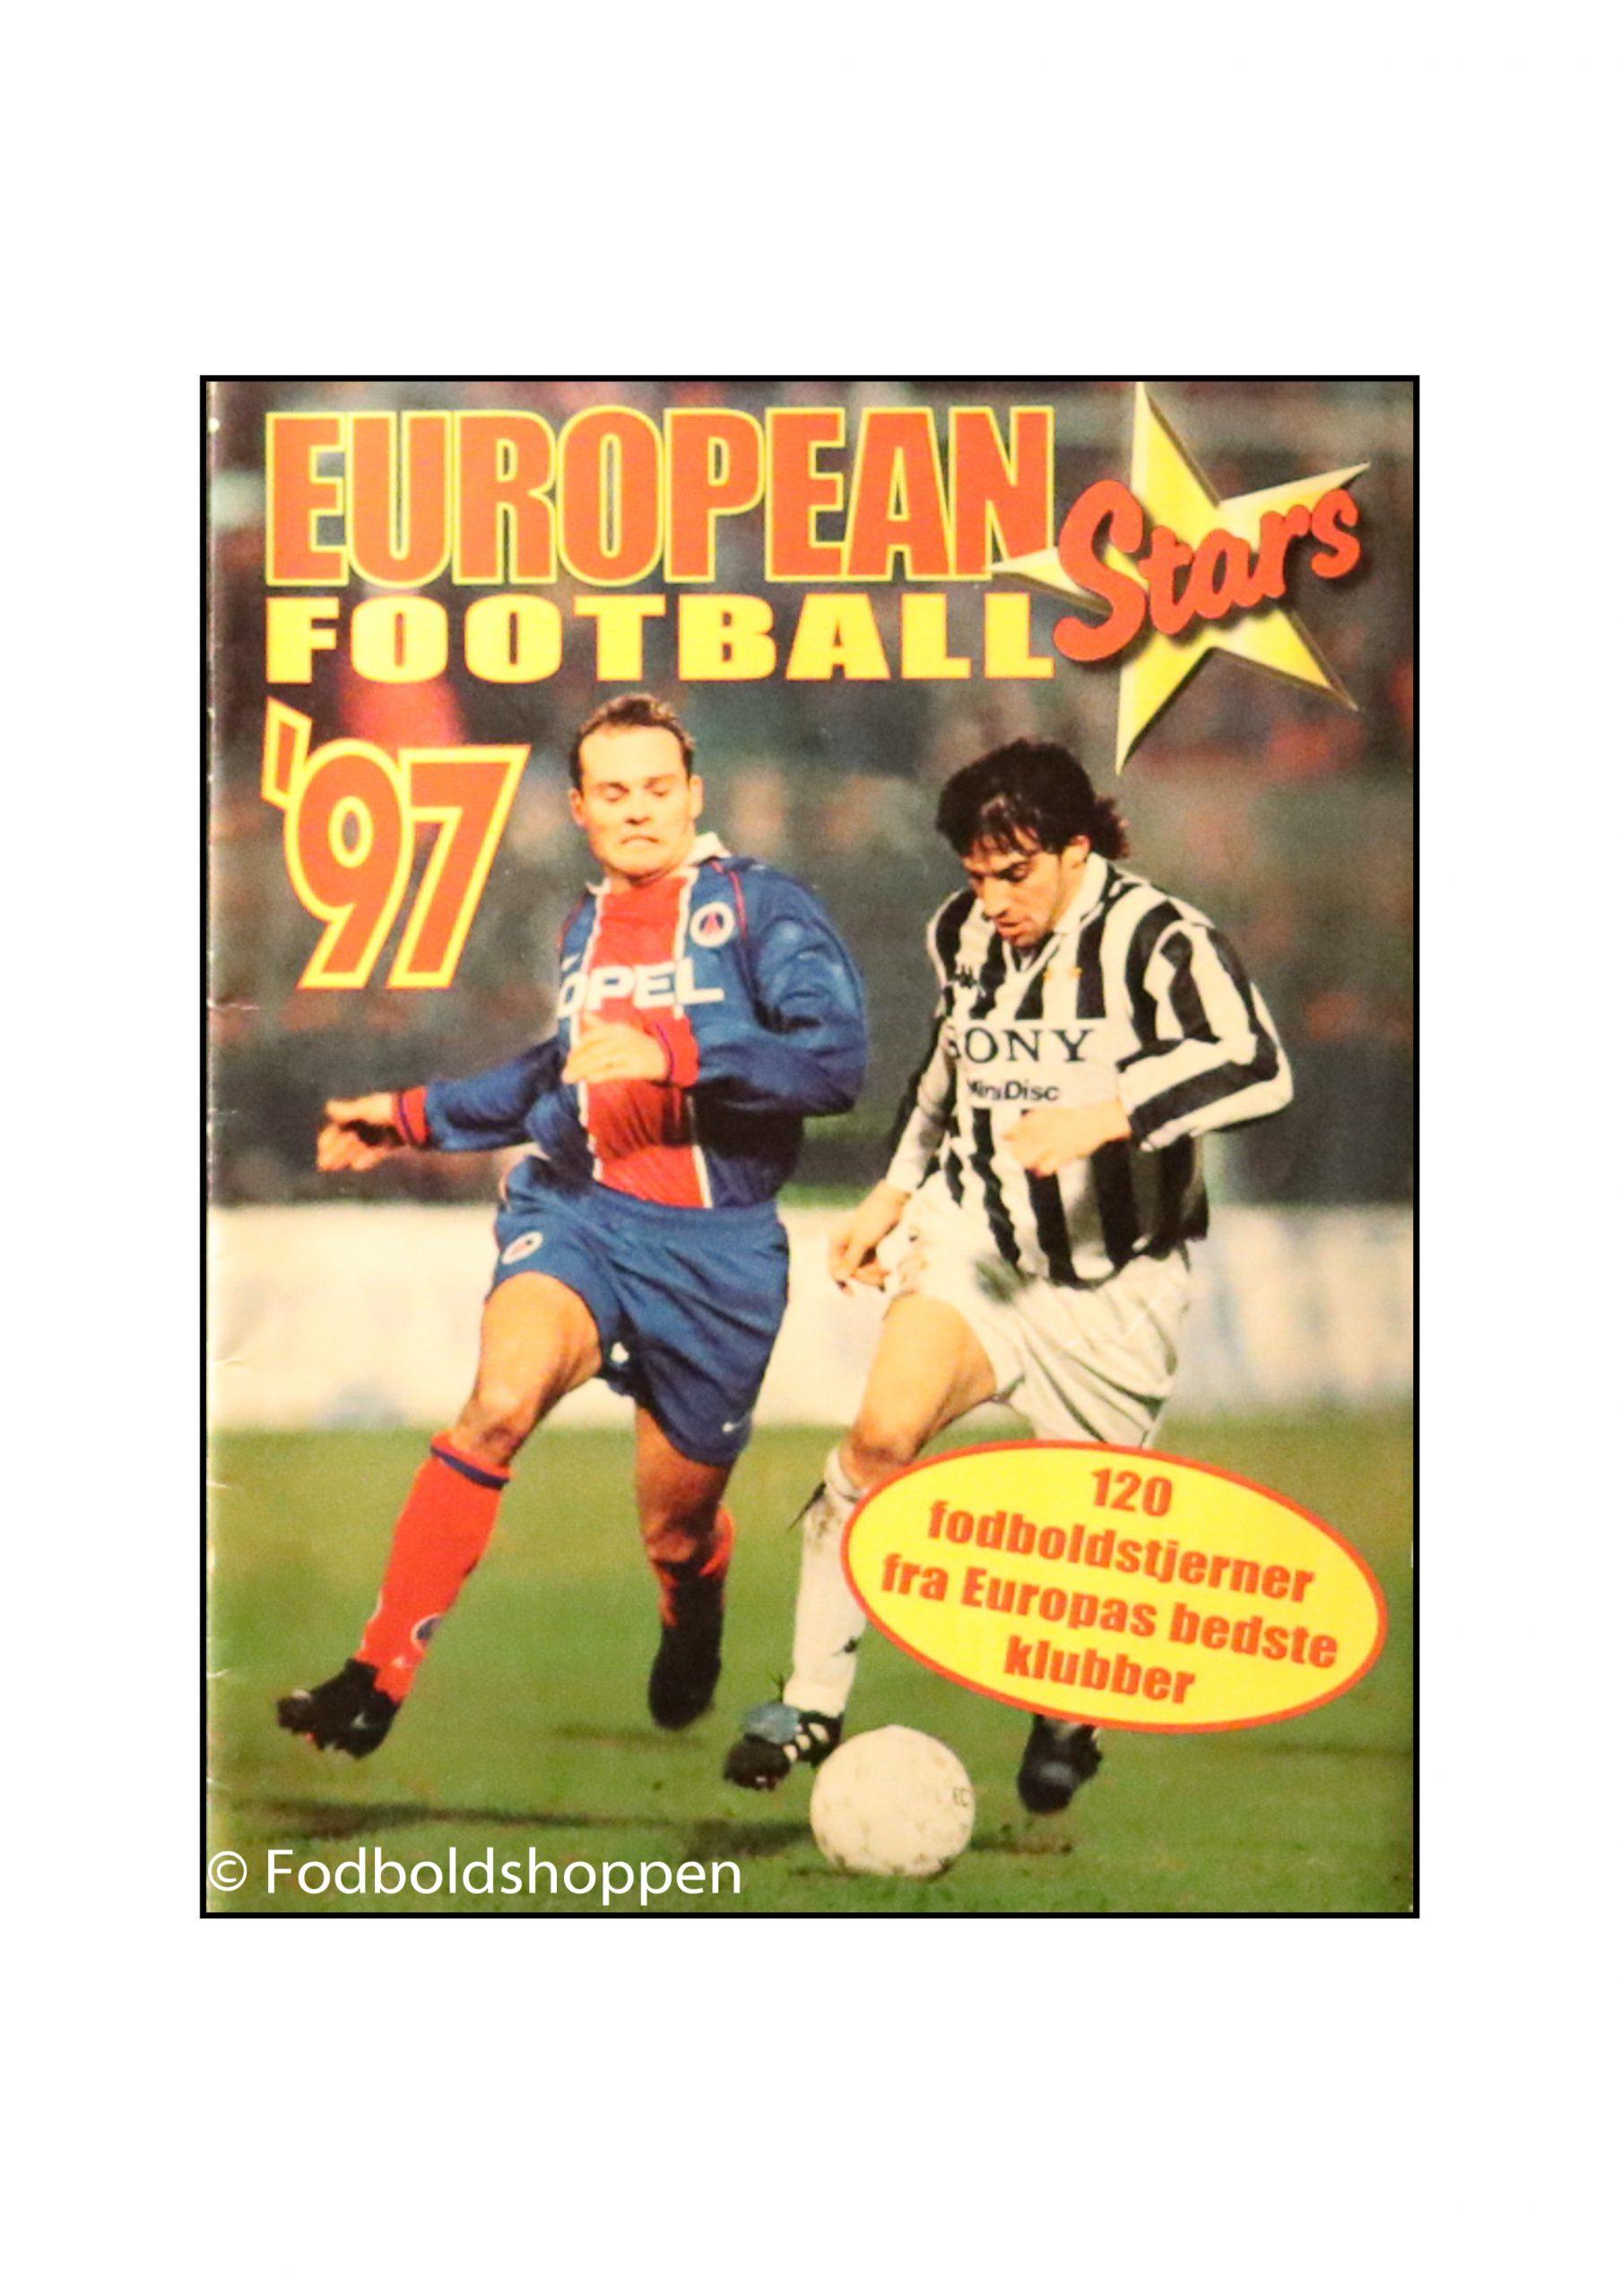 Samlealbum - European Football stars 97